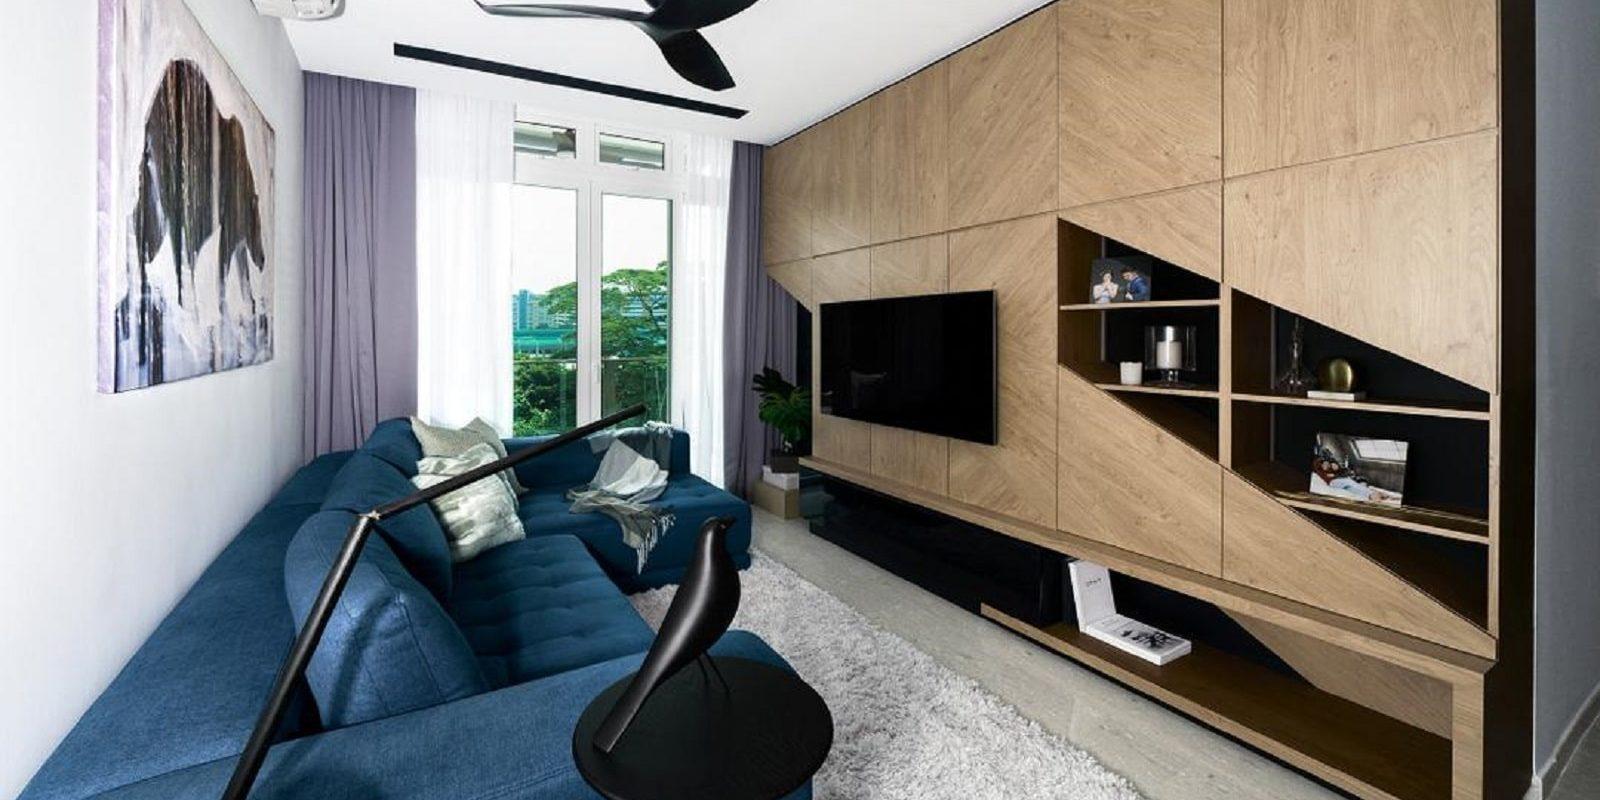 Cosy Chic Interior Design